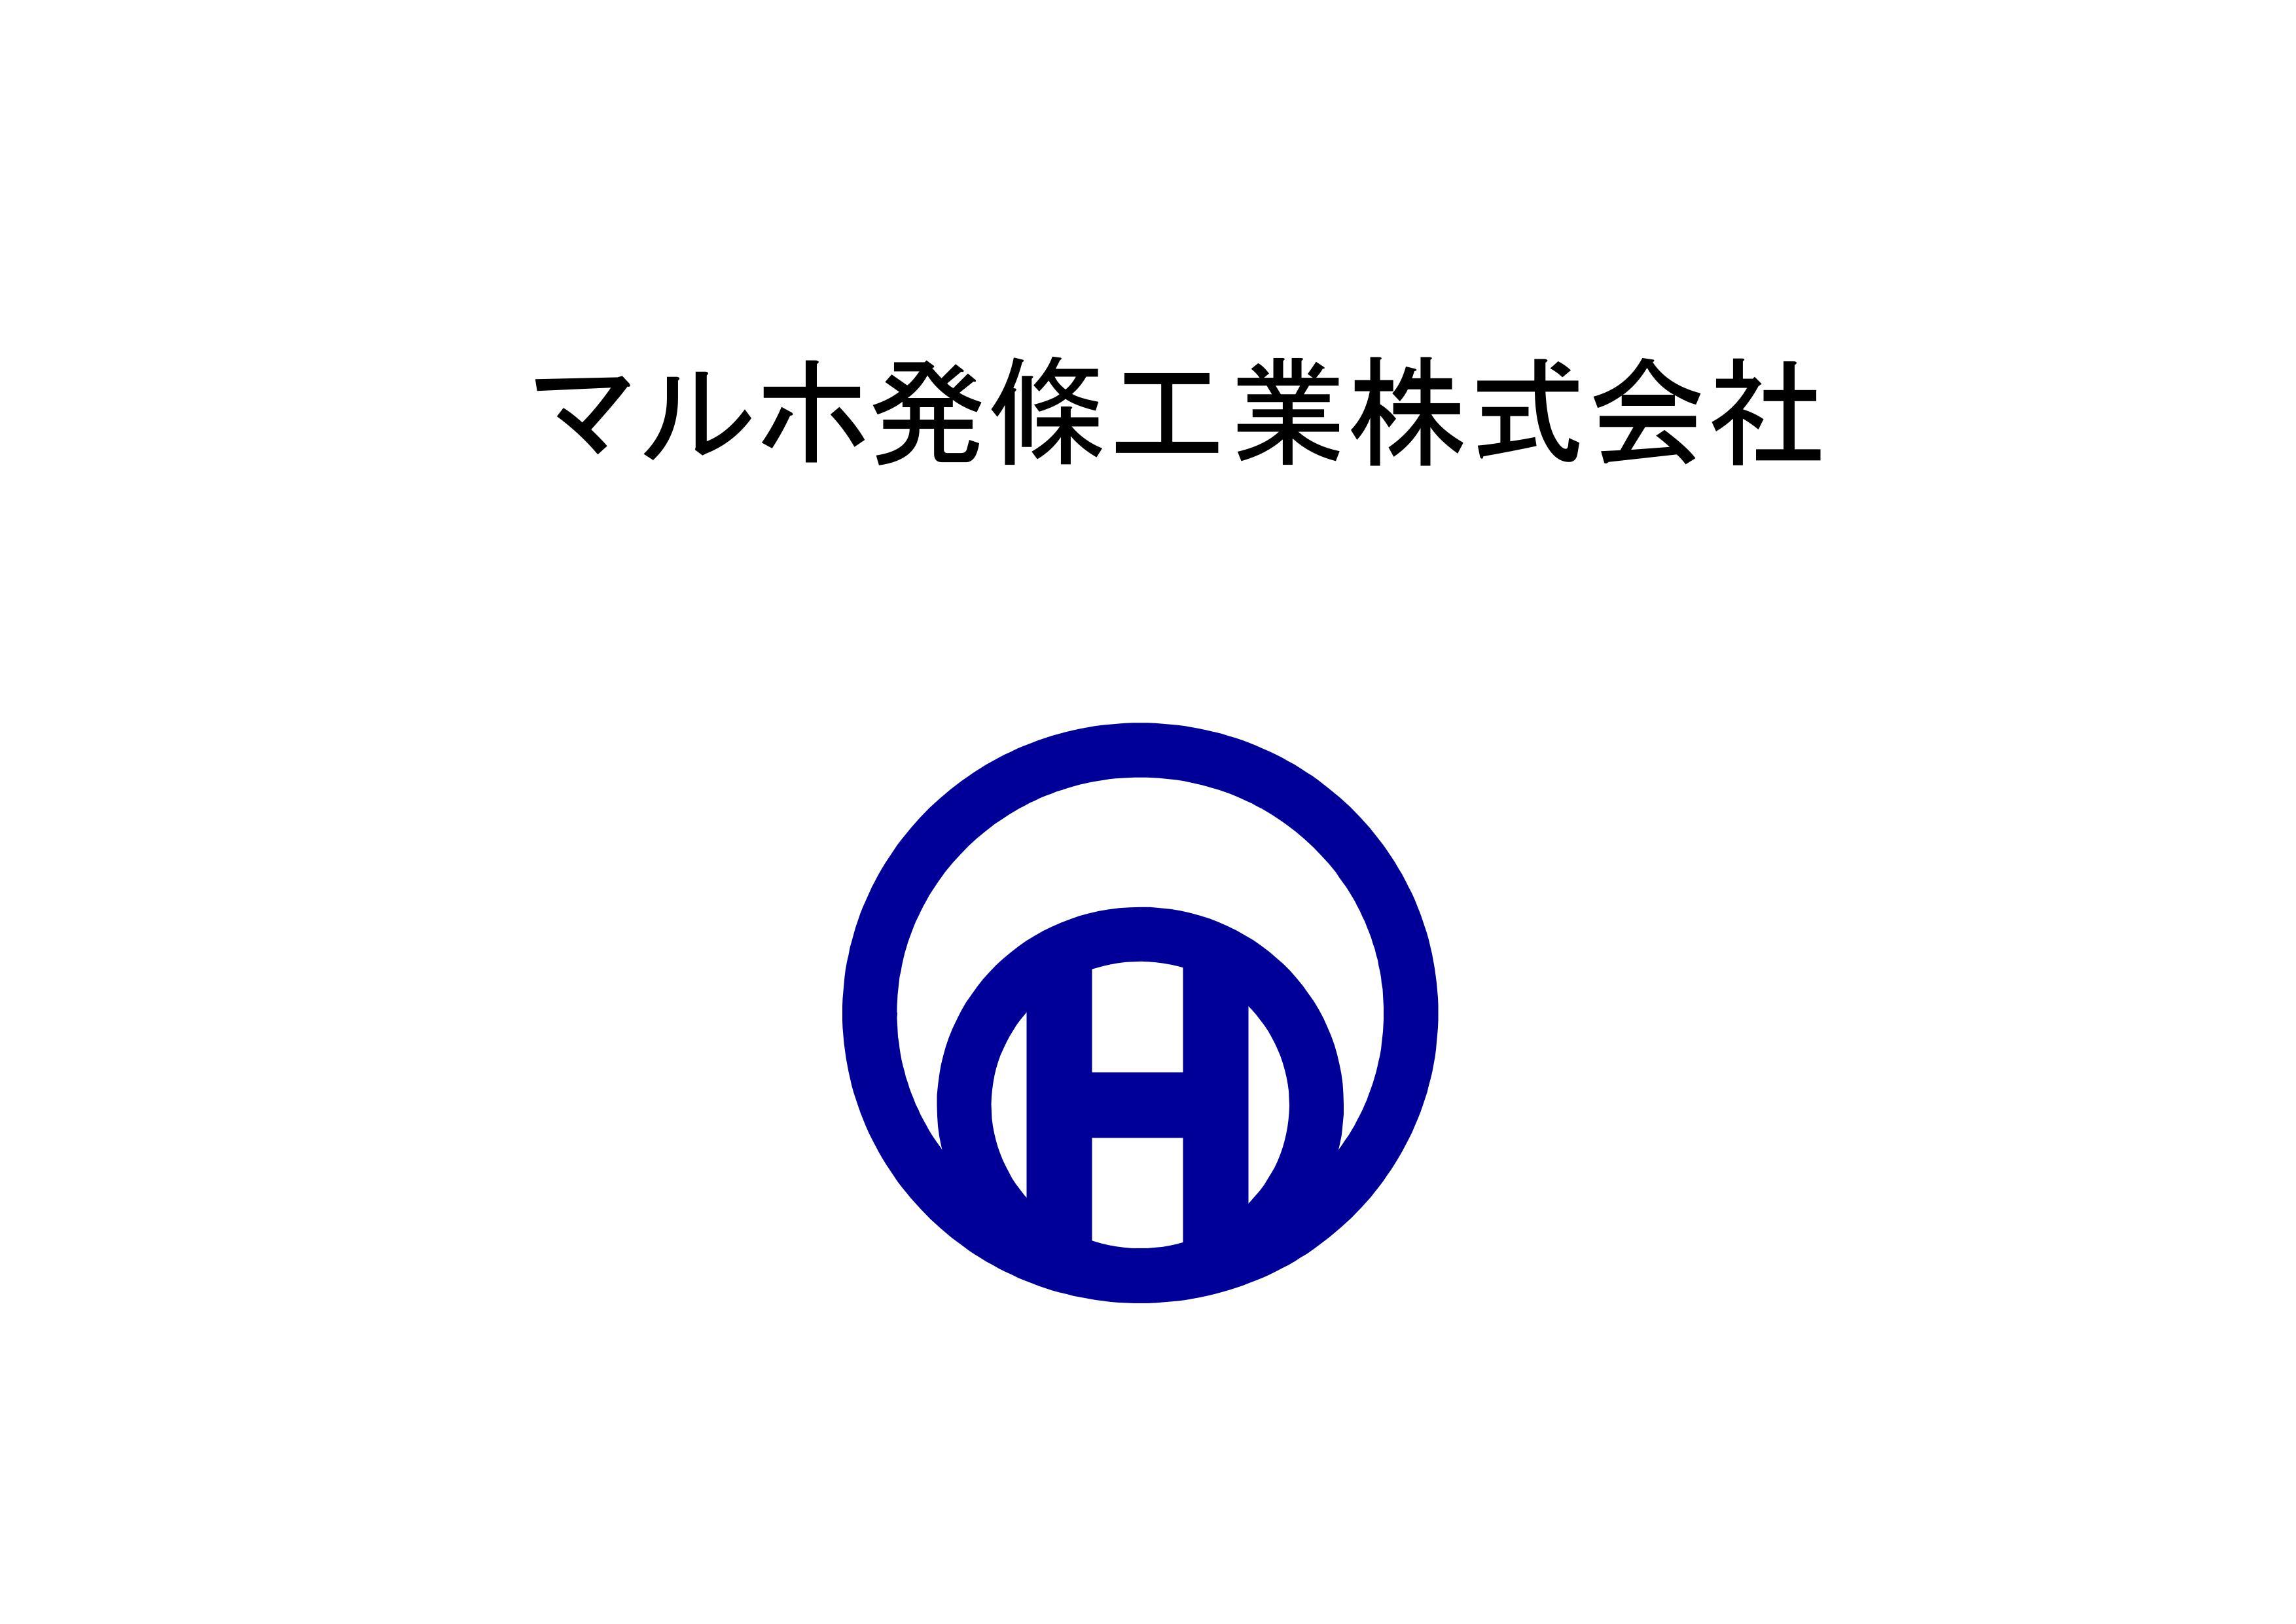 マルホ発條工業株式会社 会社ロゴ